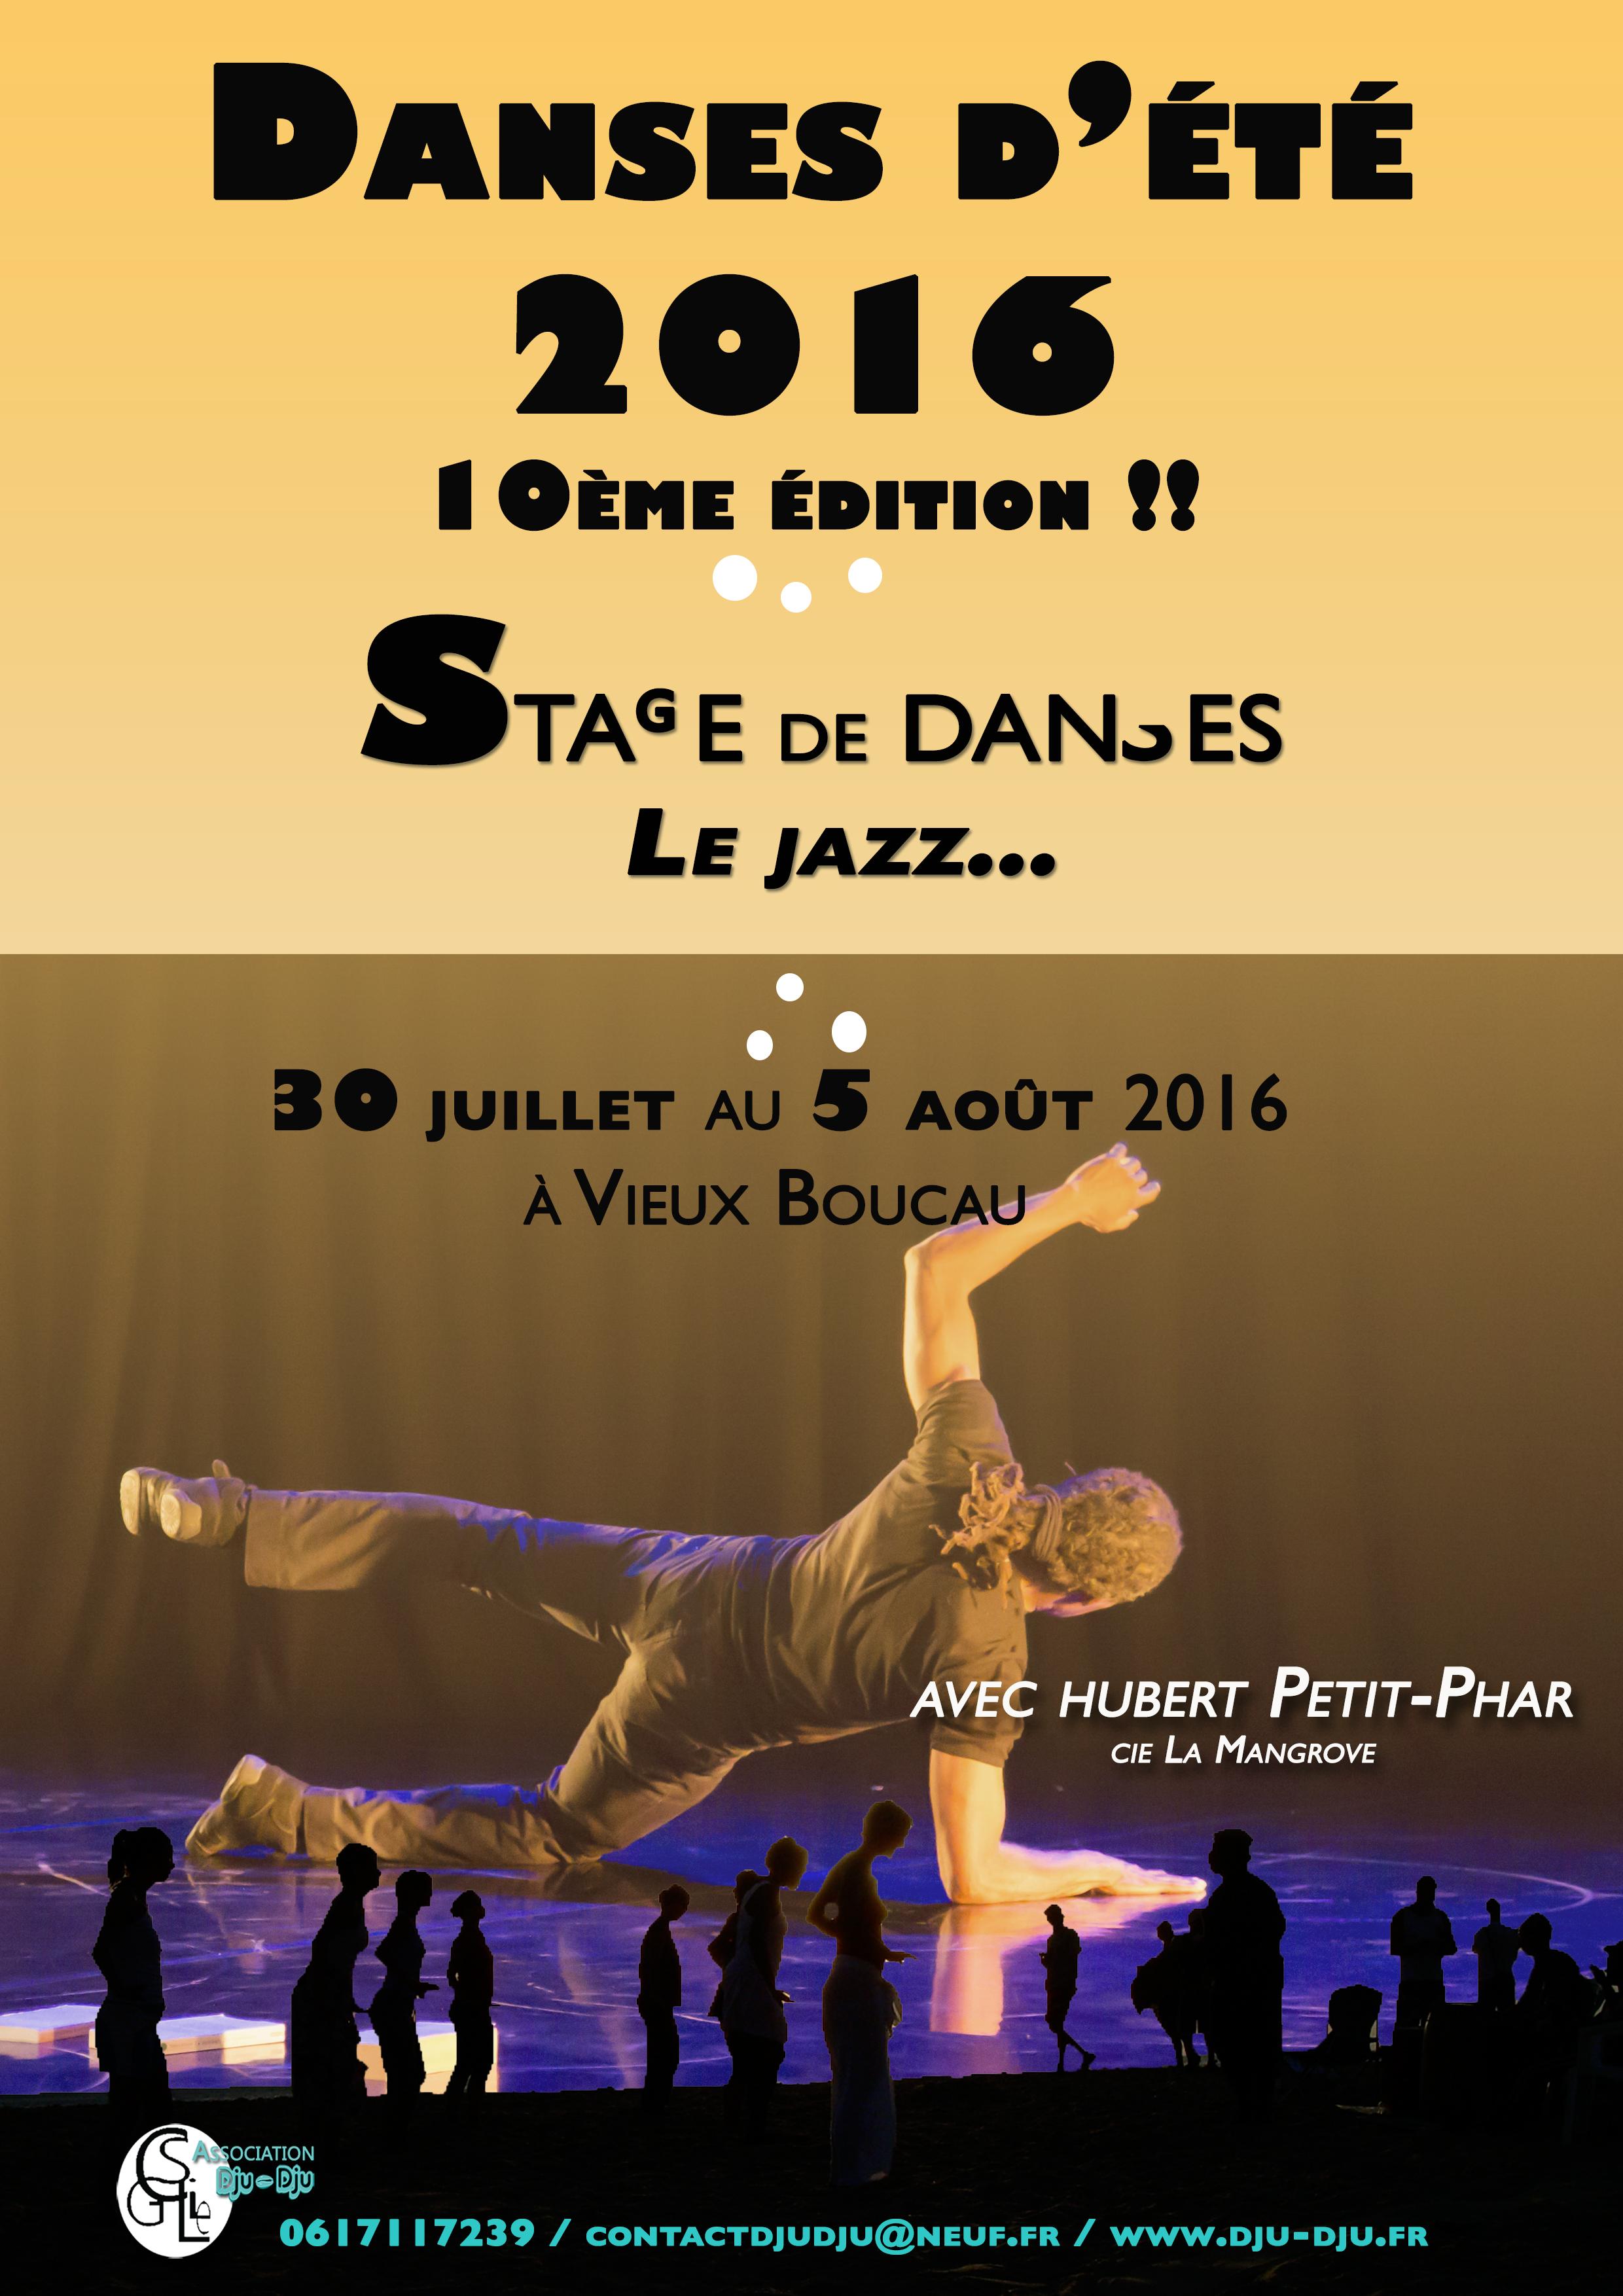 Danses d'été 2016, la 10ème : le jazz